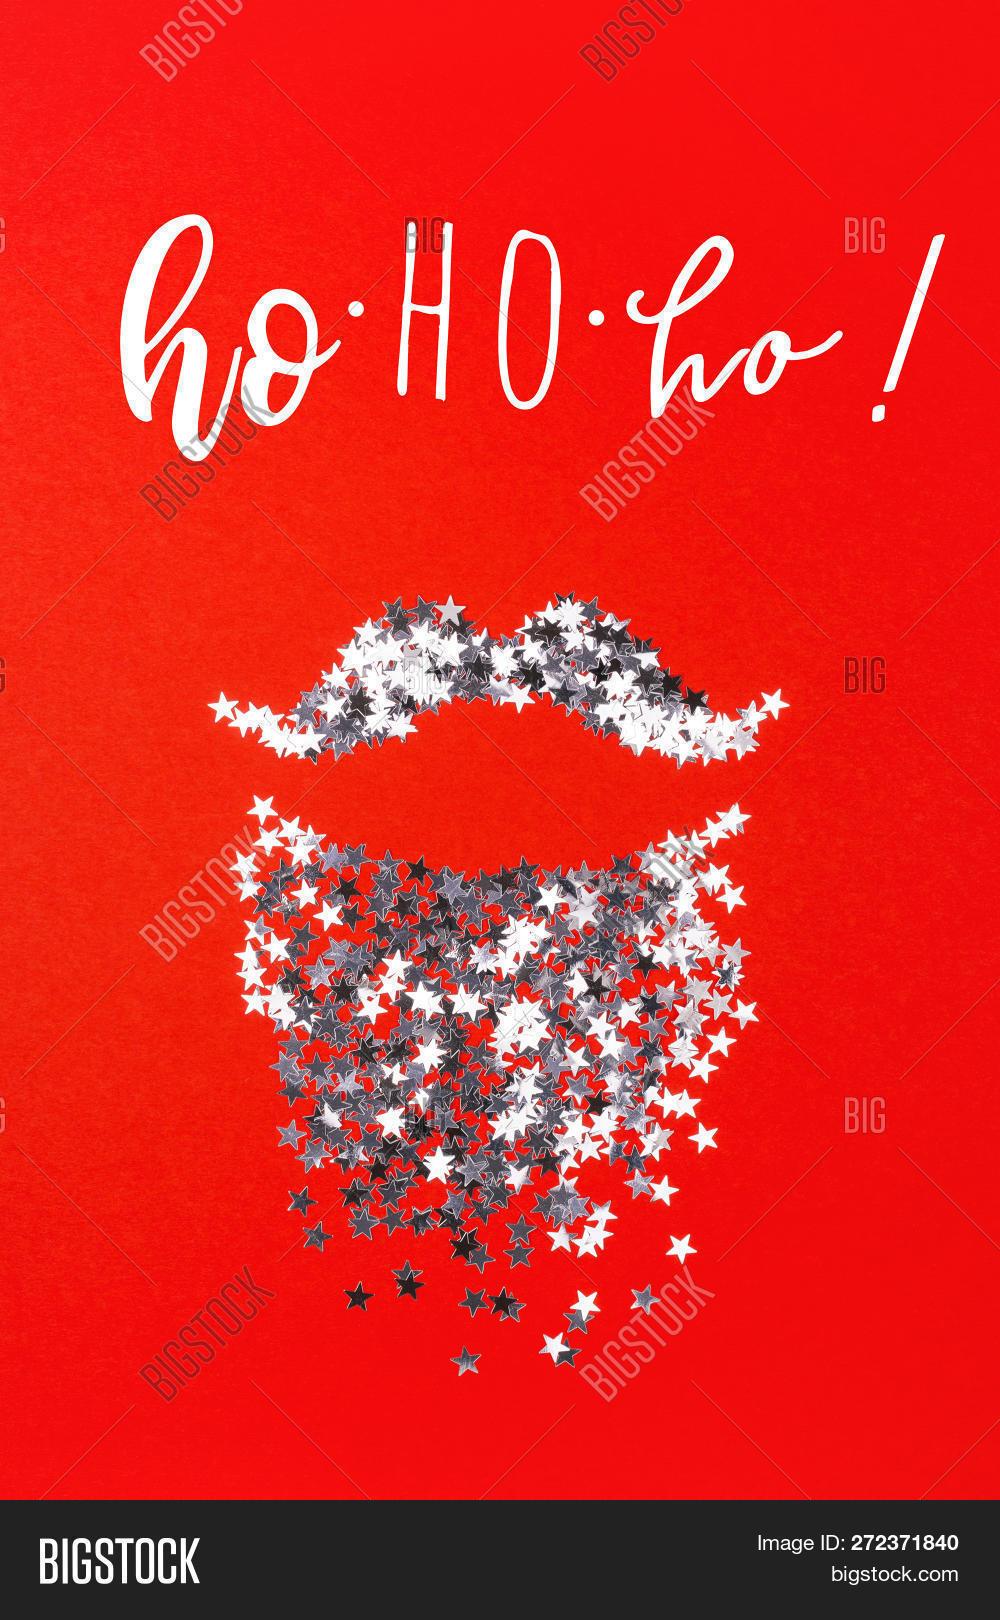 Ho Ho Ho Merry Christmas.Ho Ho Ho Merry Image Photo Free Trial Bigstock